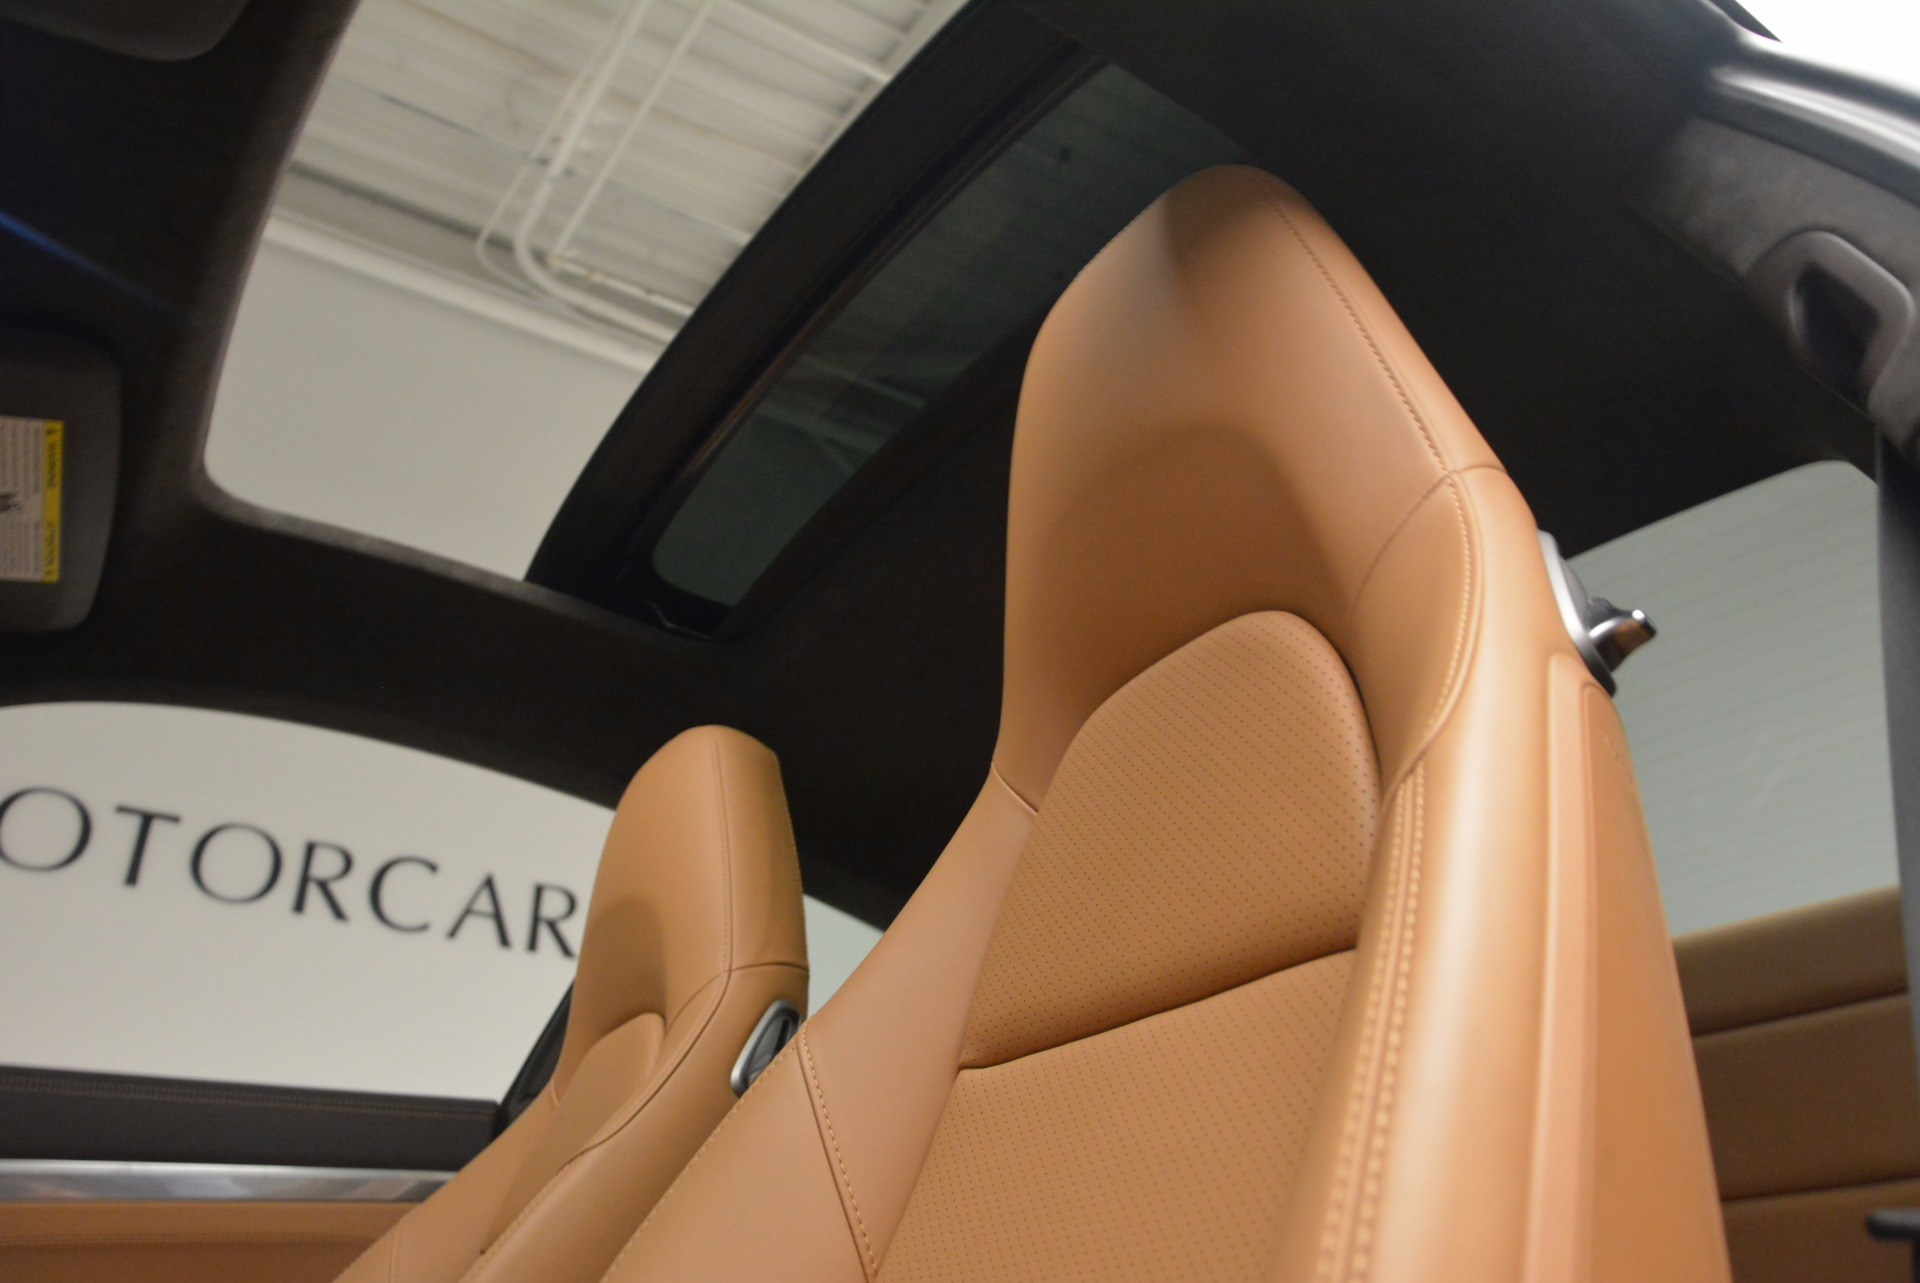 Used 2014 Porsche 911 Carrera 4S For Sale In Greenwich, CT 1076_p19